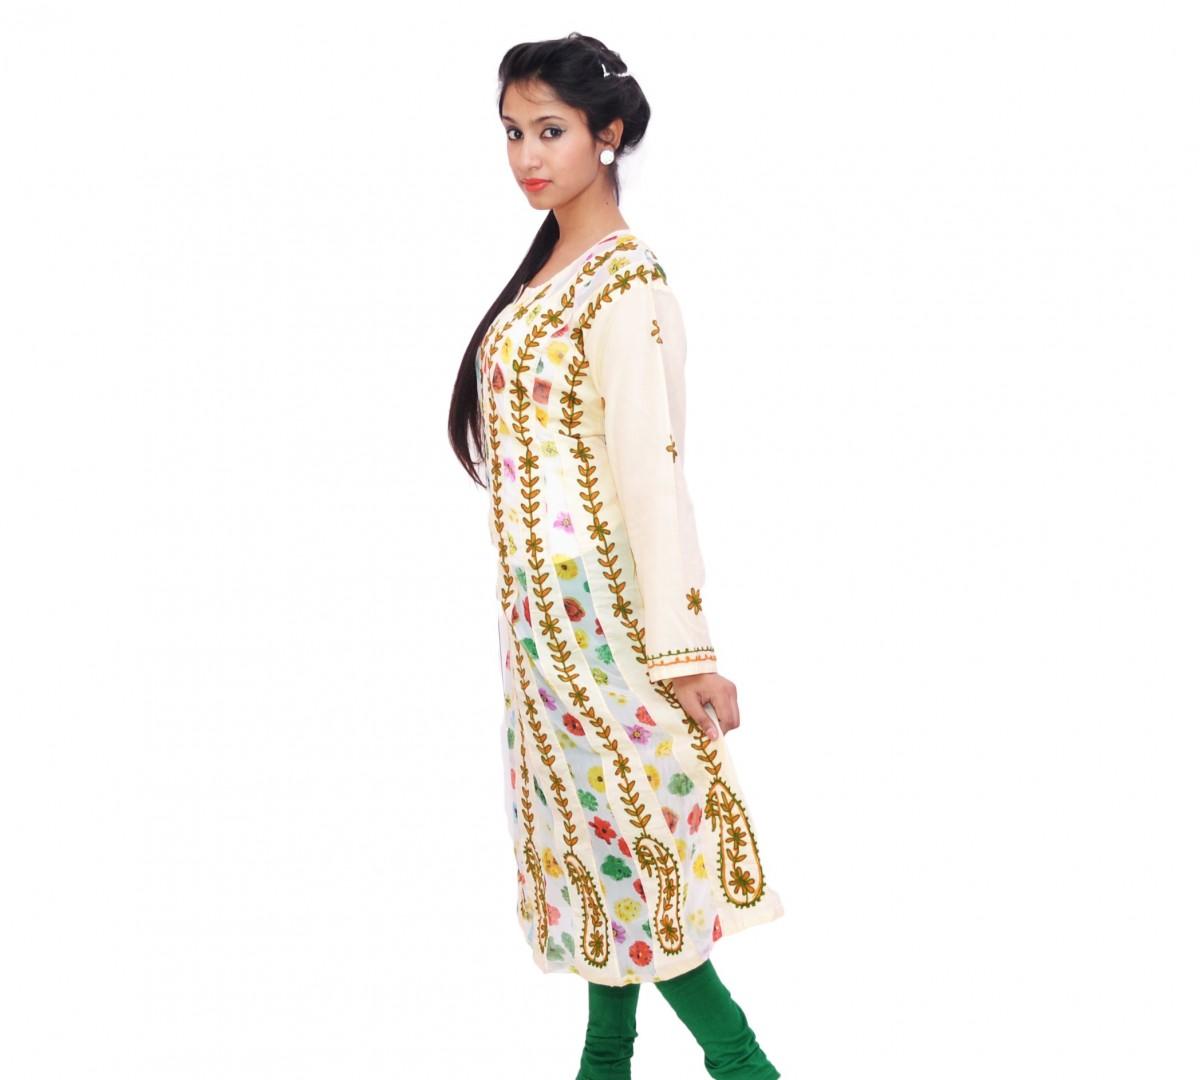 Retro fashion in india 95